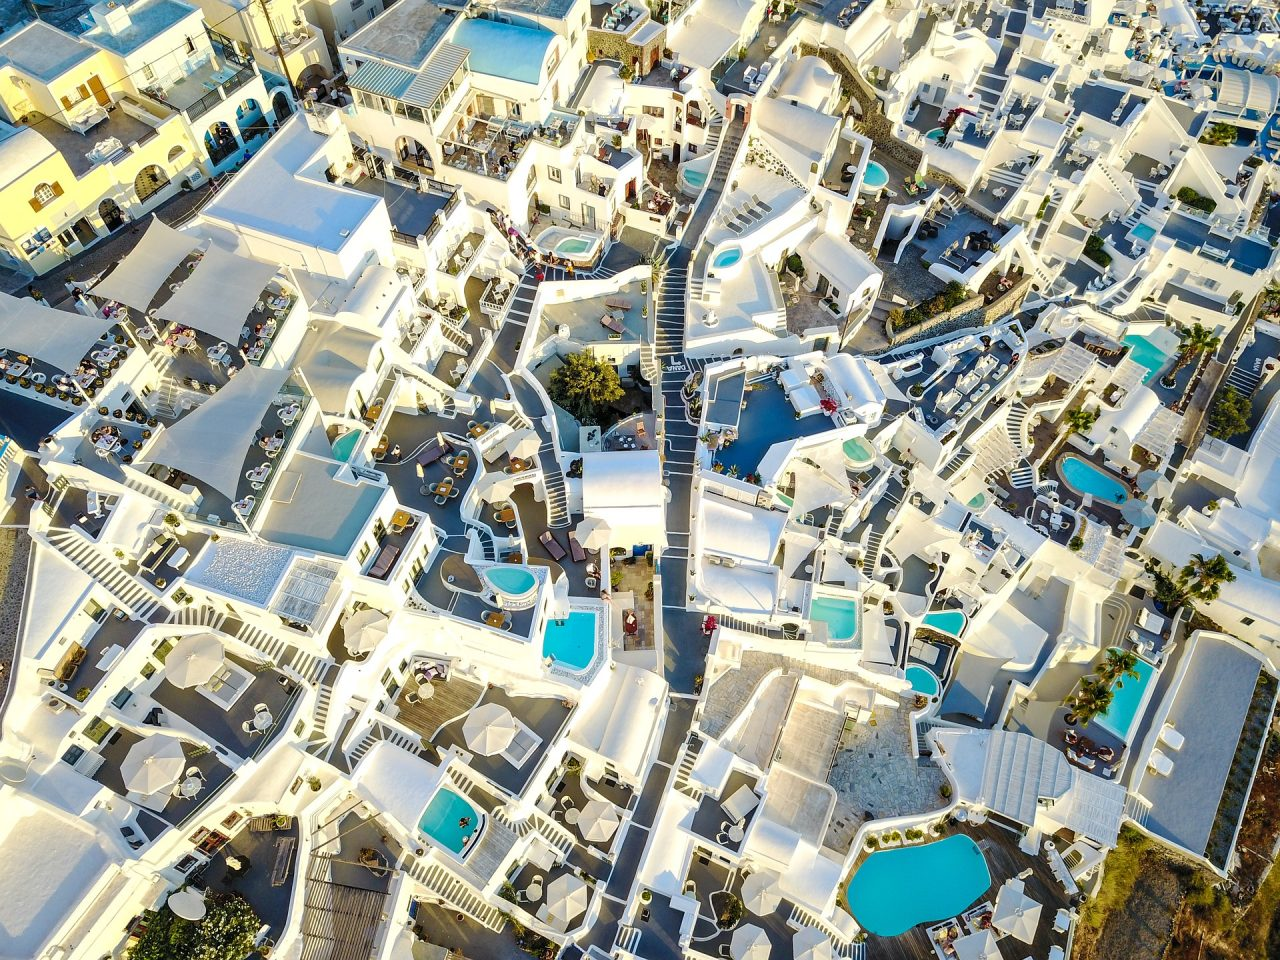 Τουρισμός: Τι θα ισχύσει για ξενοδοχεία, ρεσεψιόν, εστιατόρια, μπαρ, πισίνες